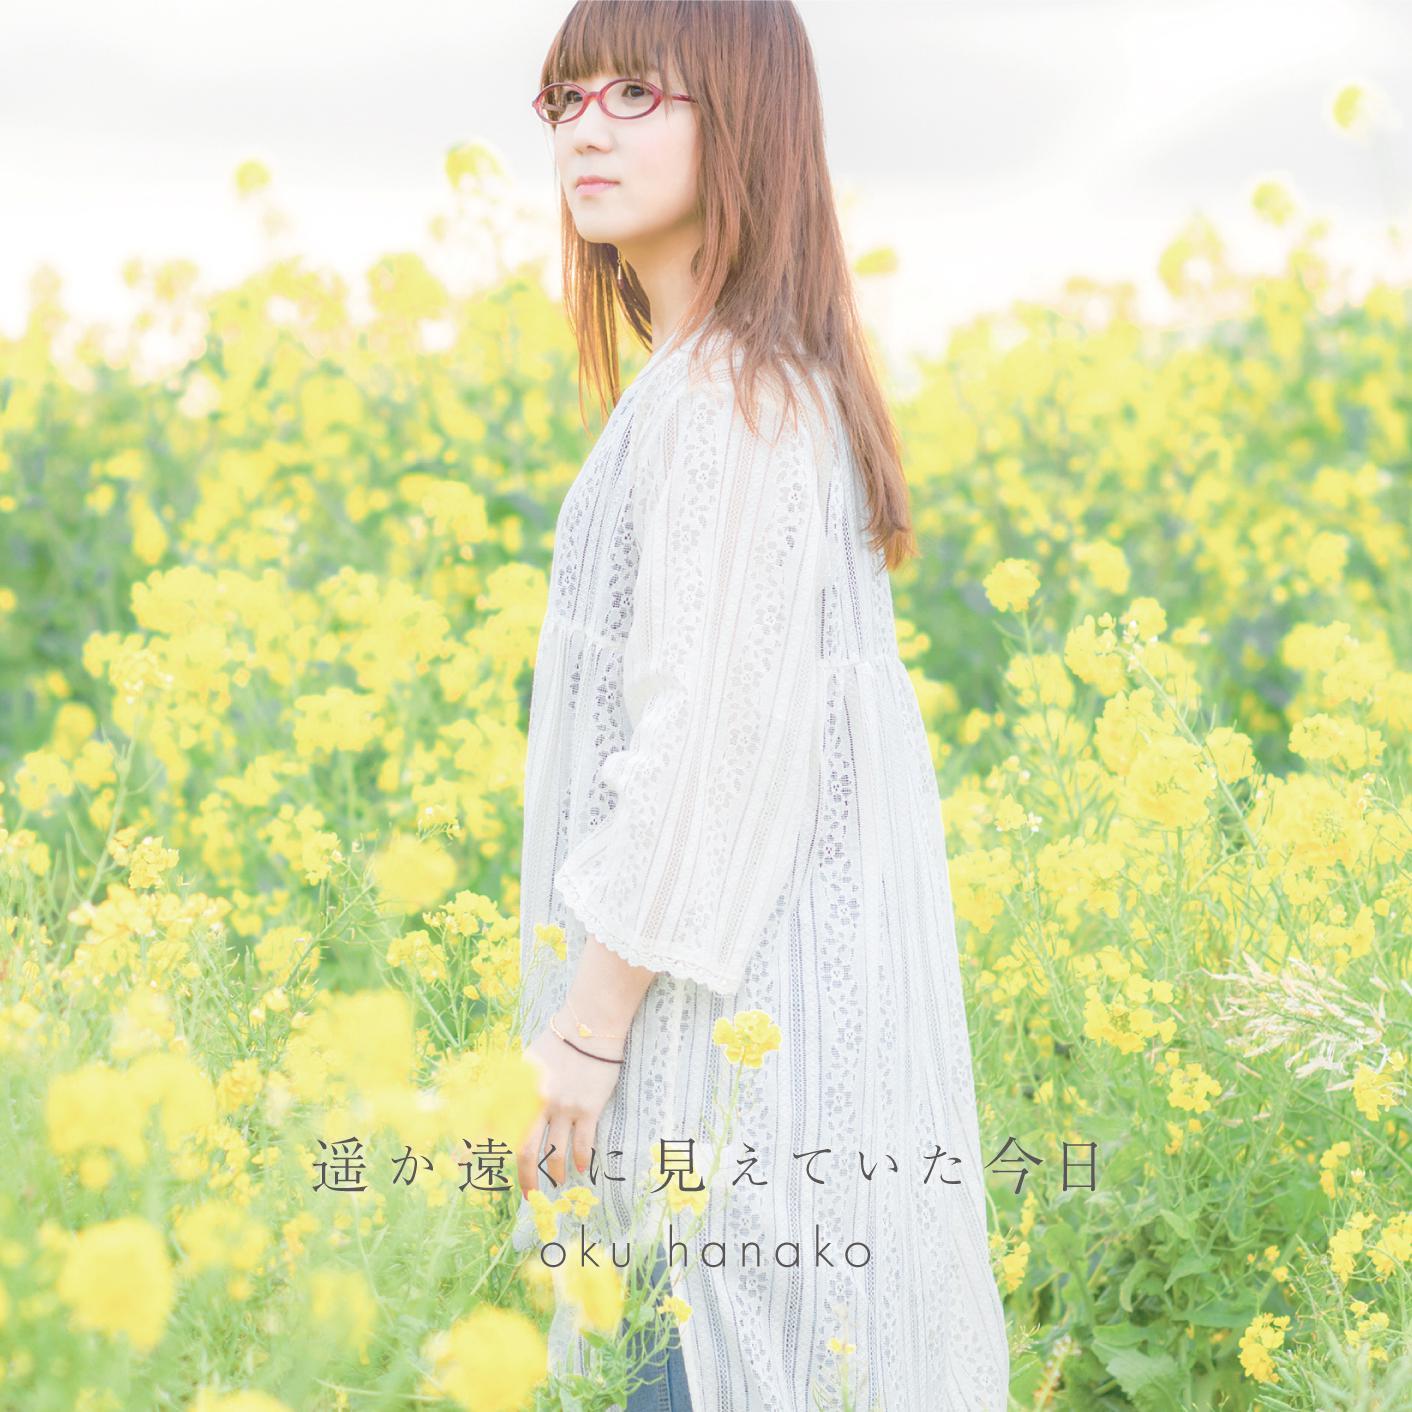 【音乐】キミの花,acg日本漫画